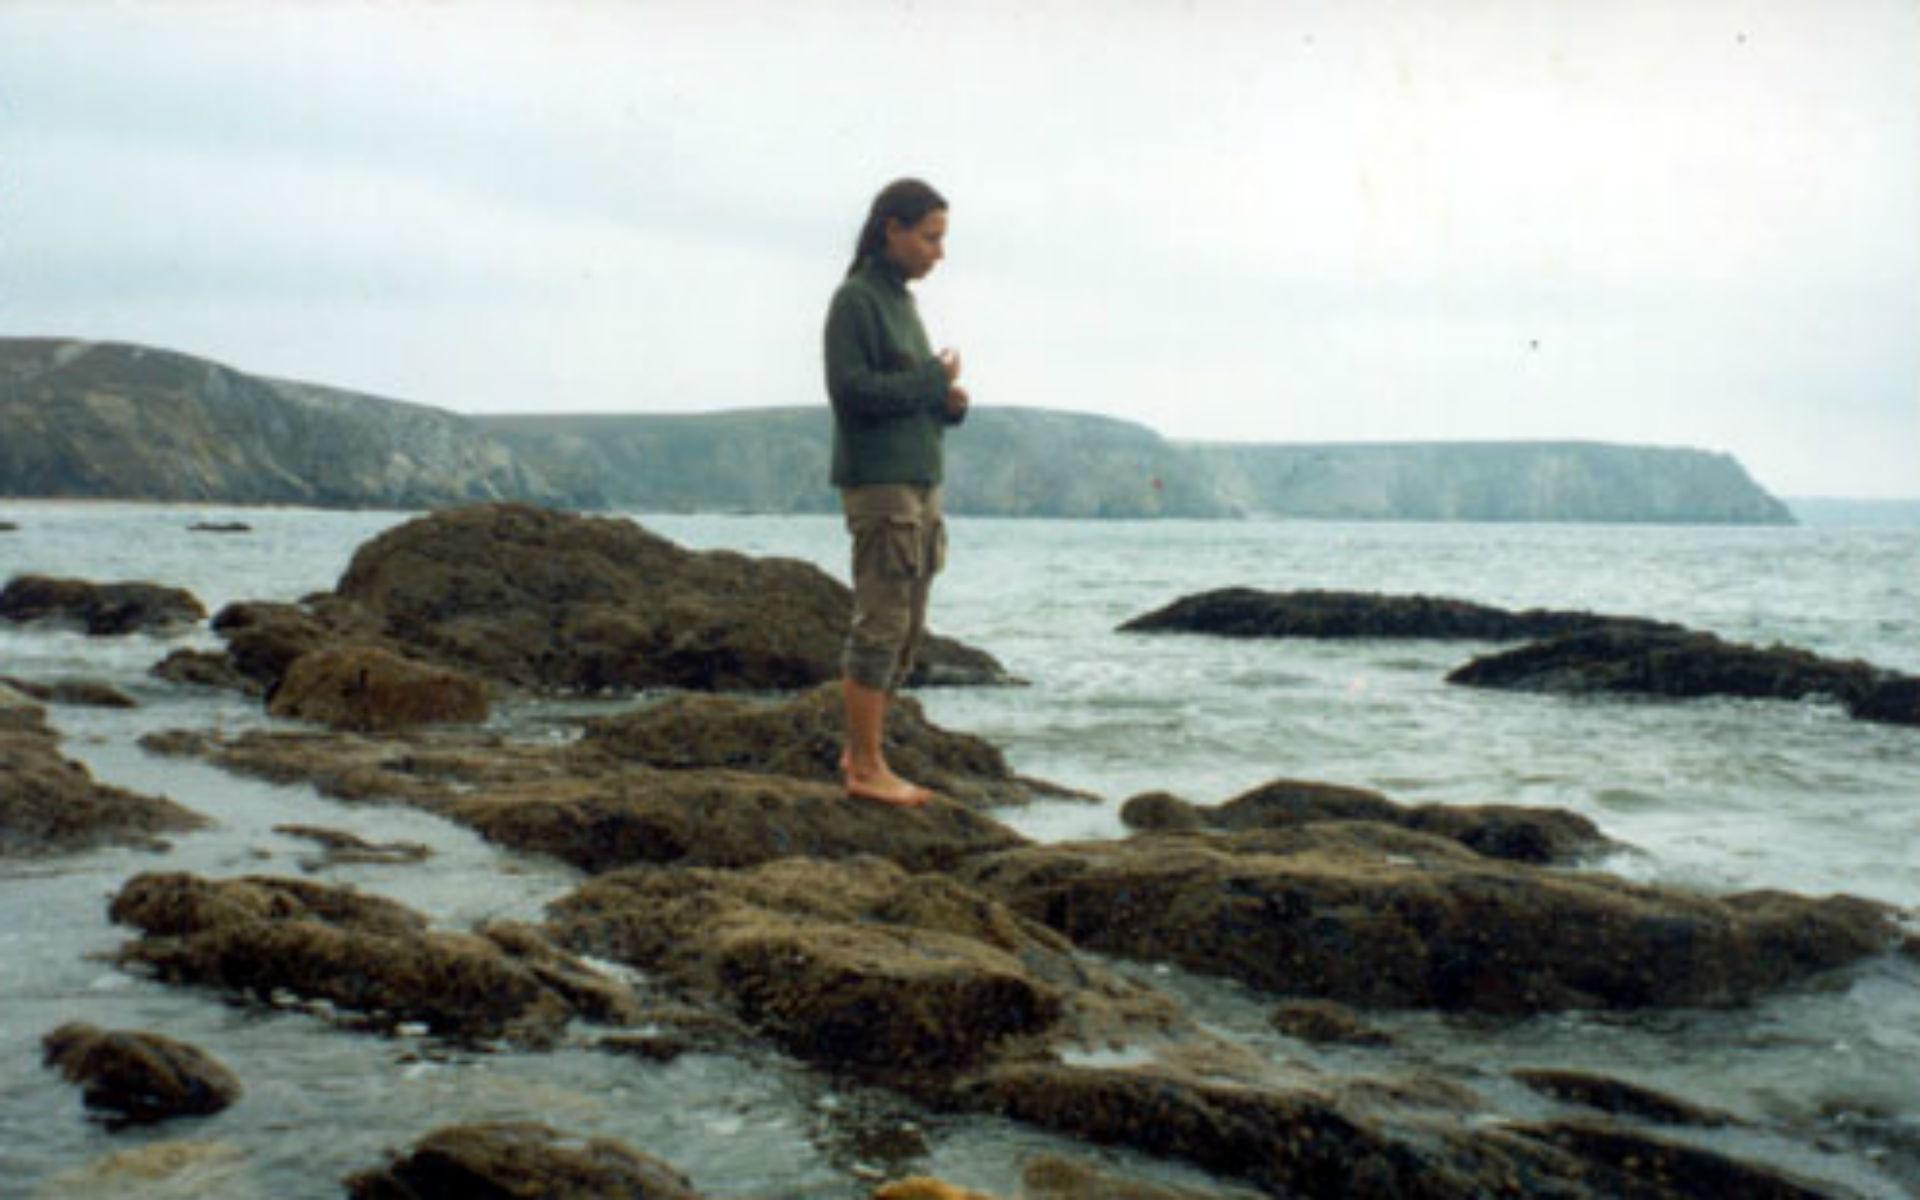 Ioulia s'aventurant sur les rochers de Bretagne lors de son périple de 2005.